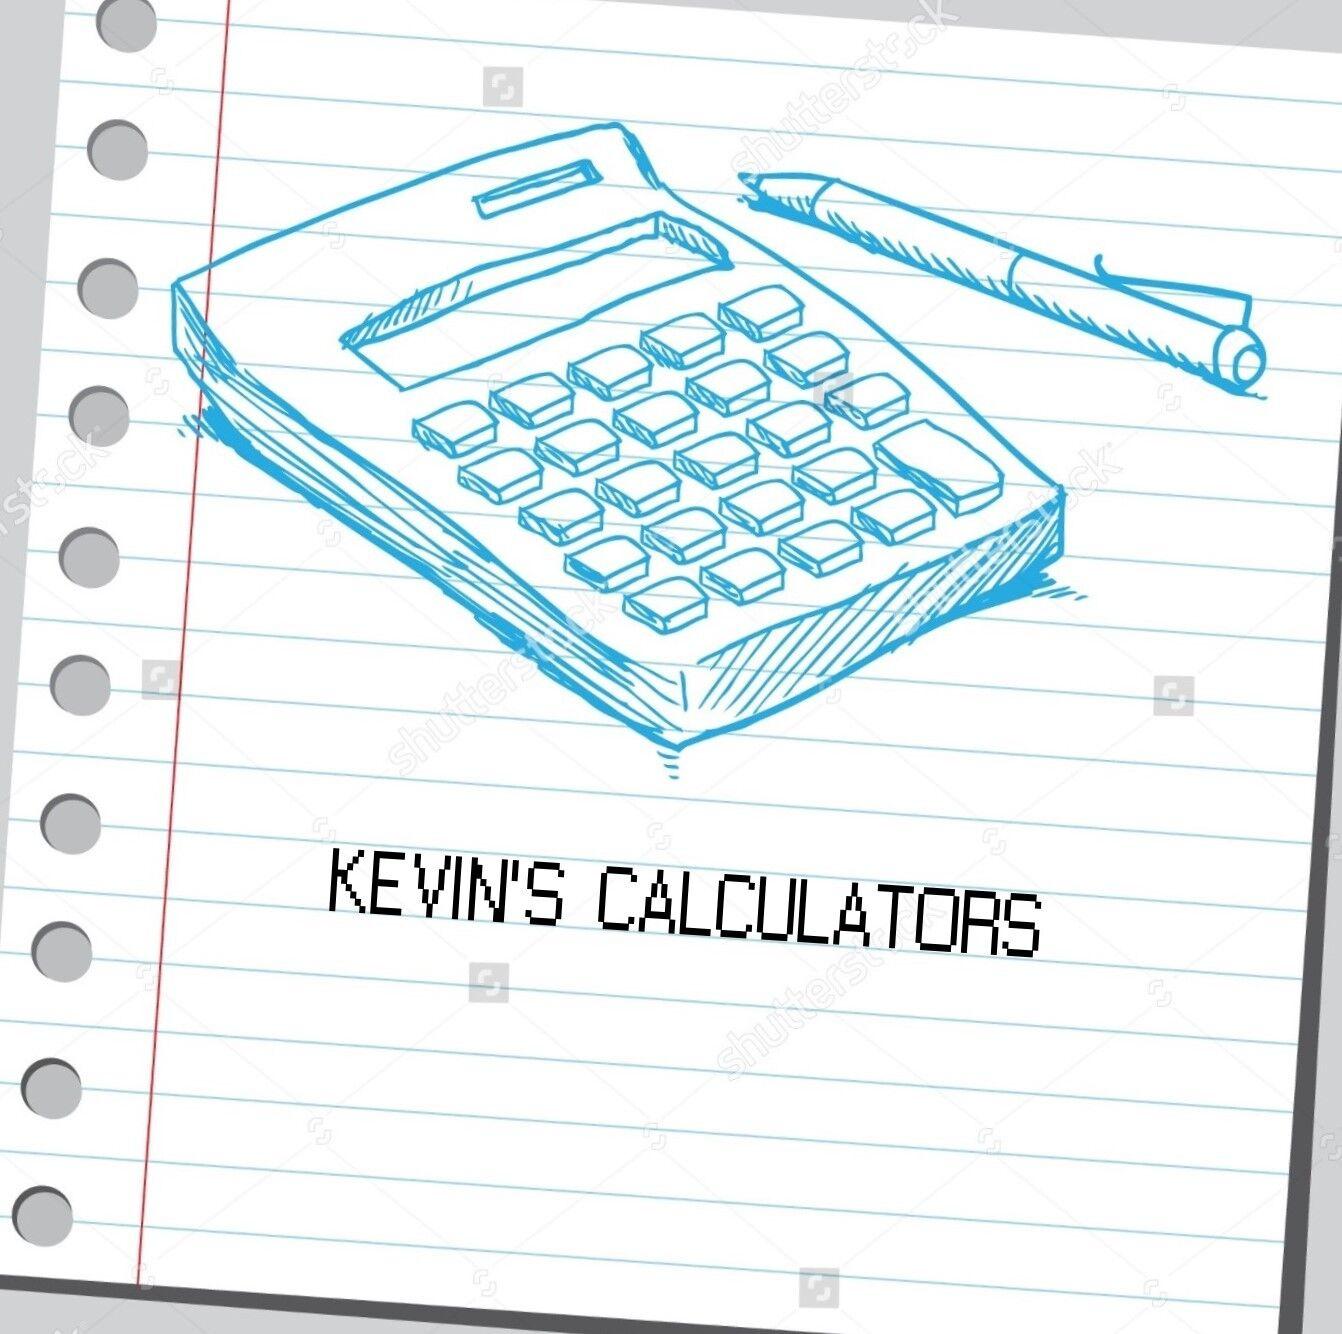 Kevin's Calculators